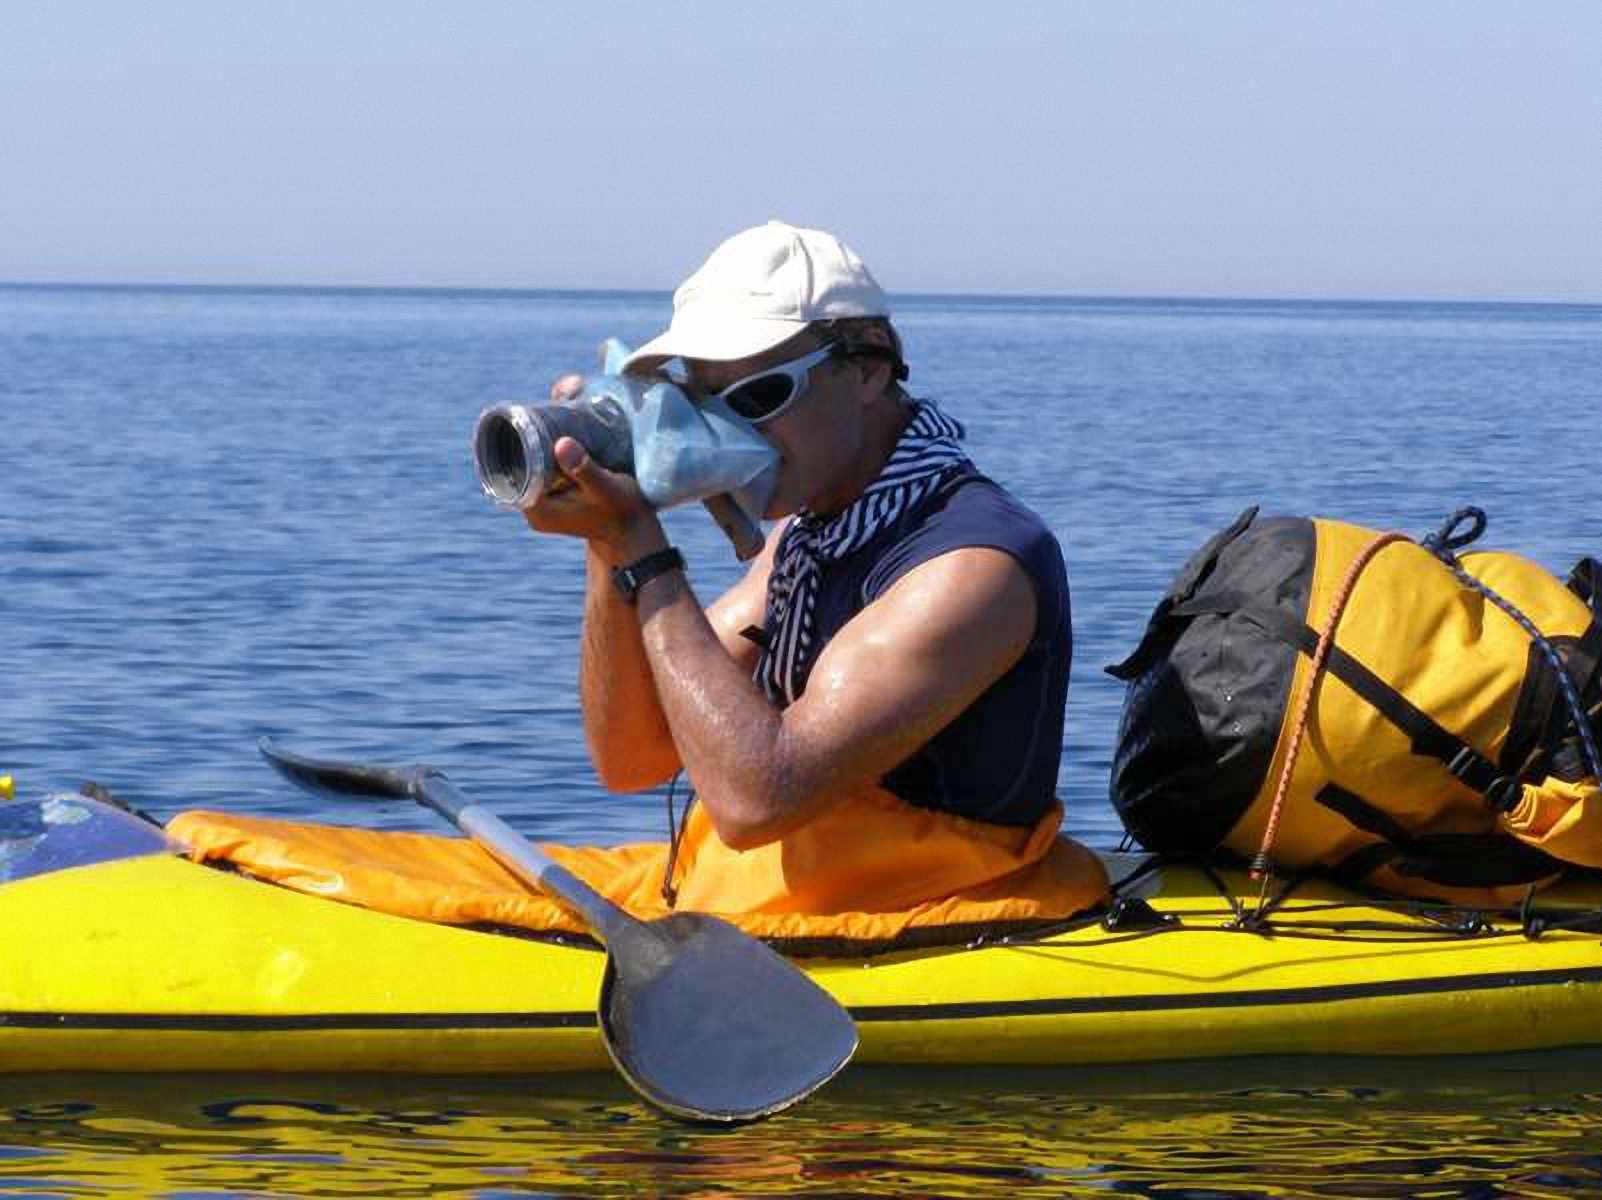 Водонепроницаемый чехол для фотоаппарата - Aquapac 458. Aquapac - №1 в мире водонепроницаемых чехлов и сумок. Фото 8